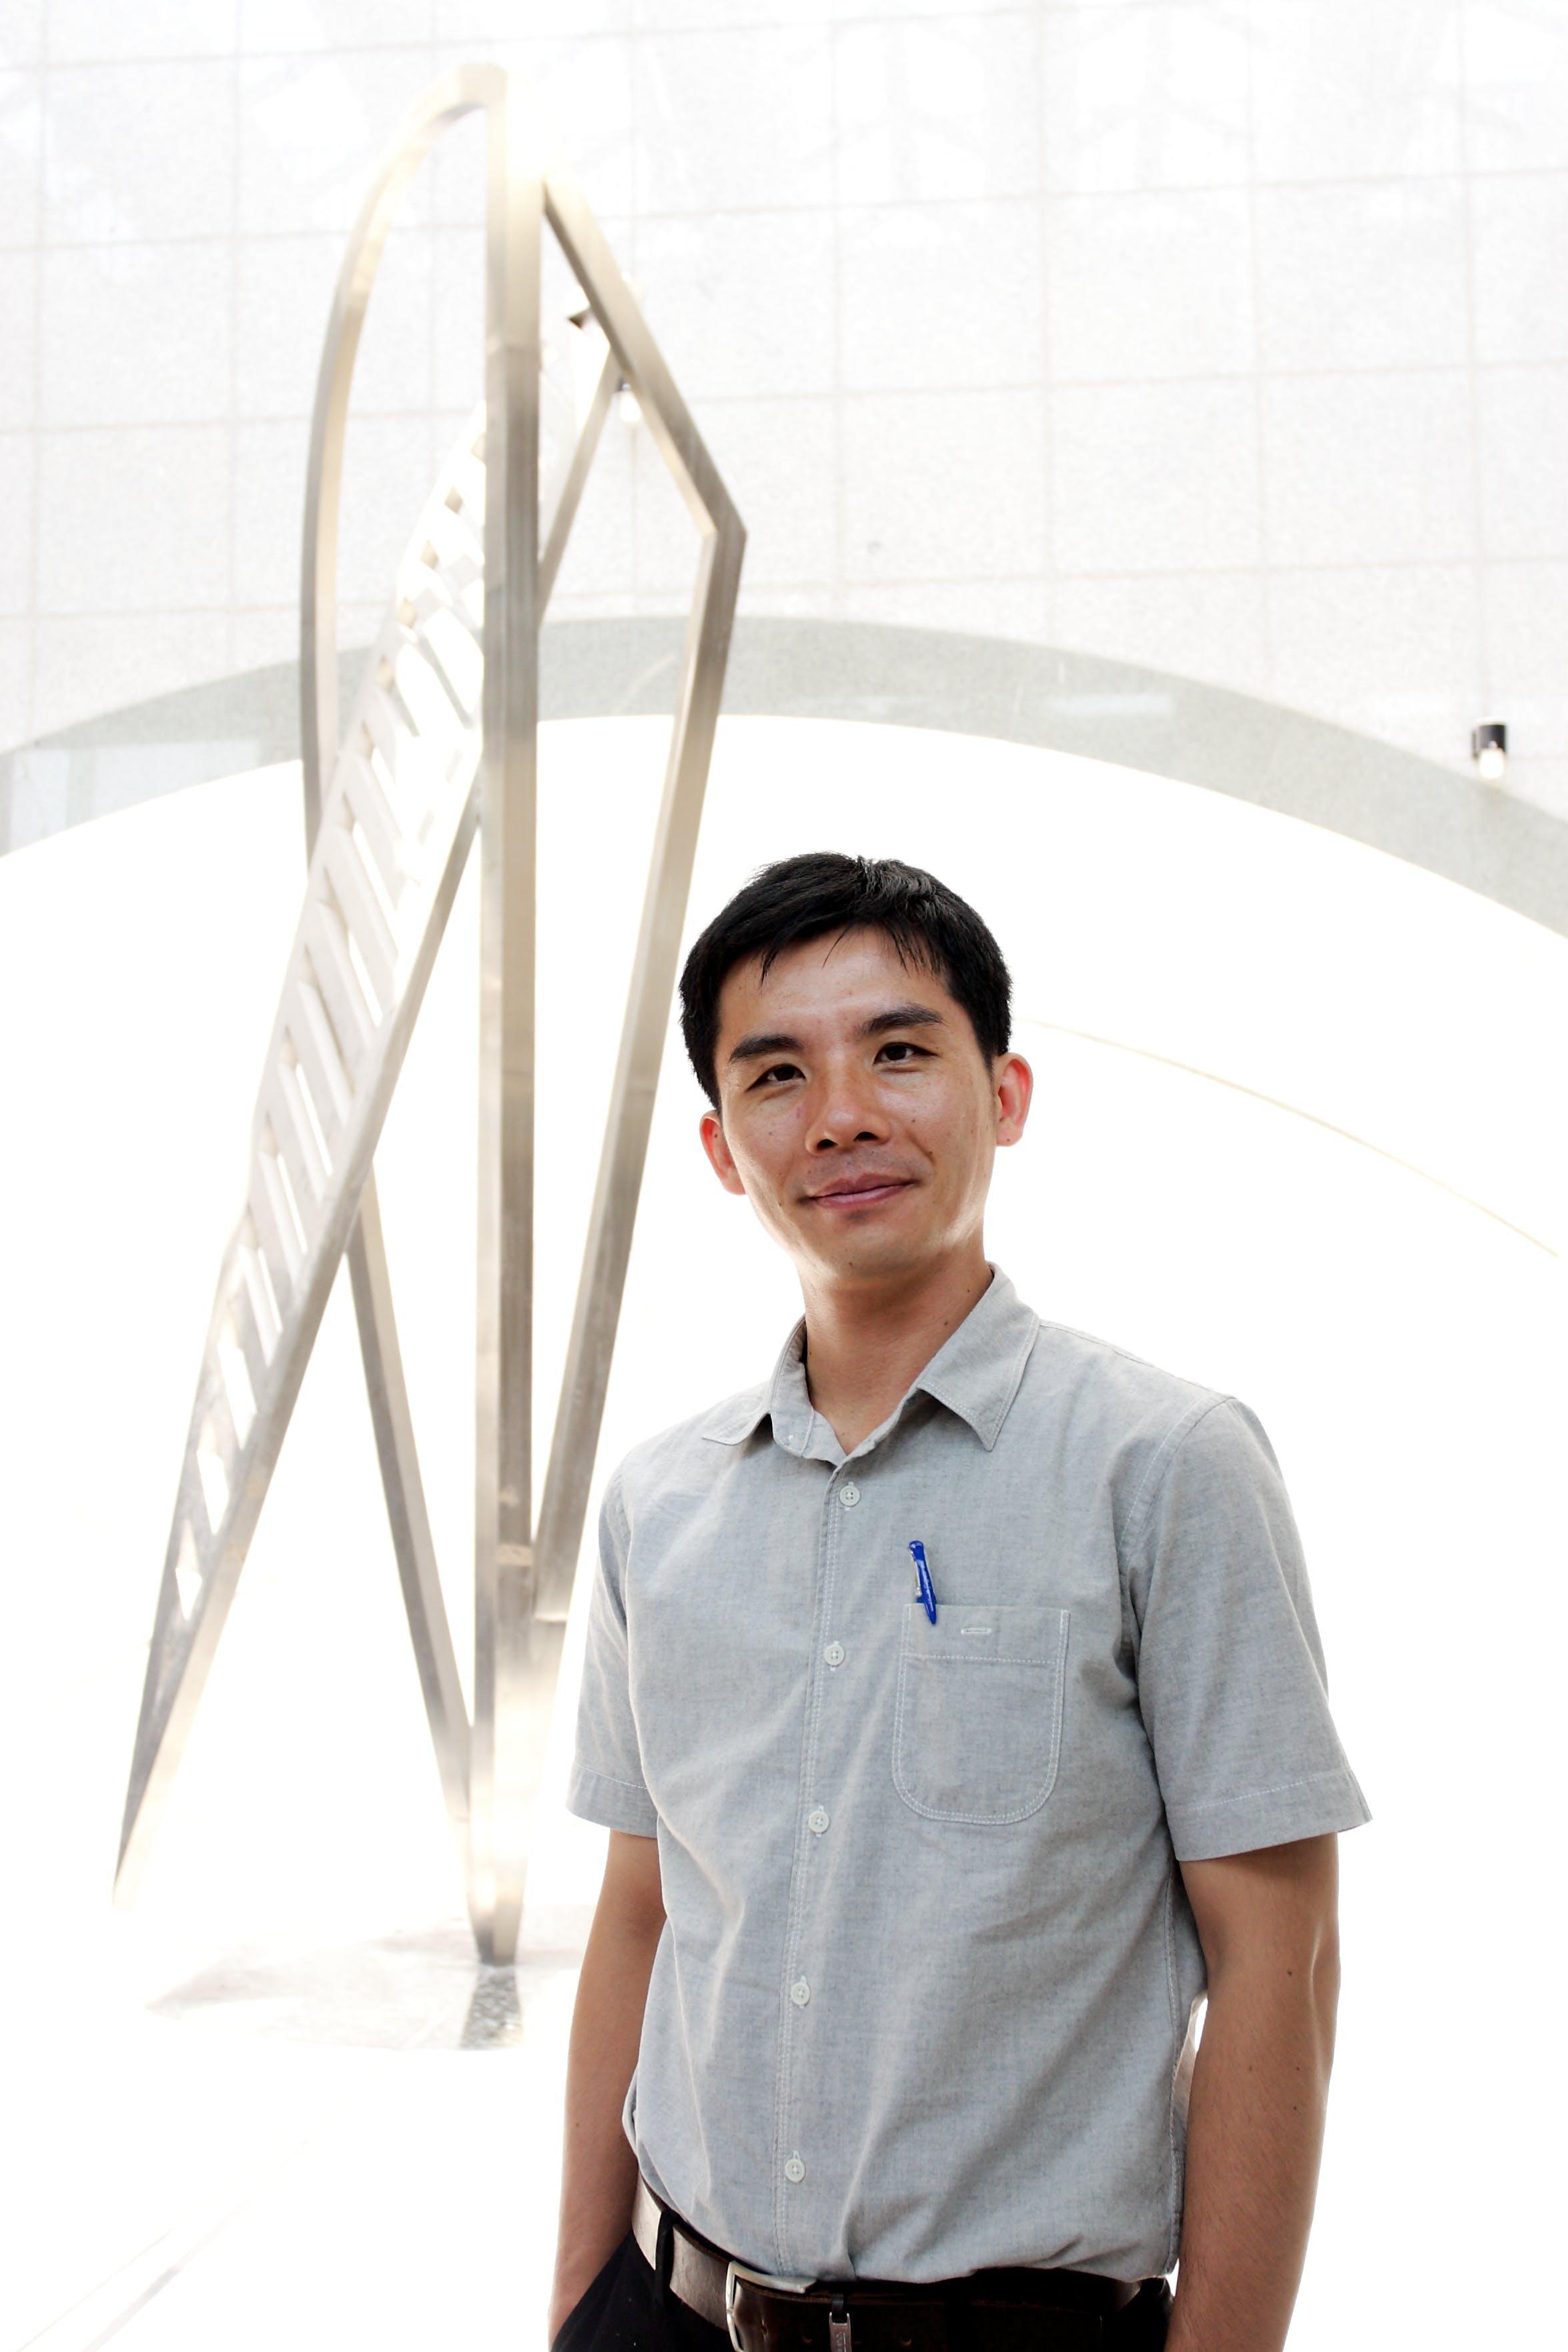 朱士維 Shi-Wei Chu